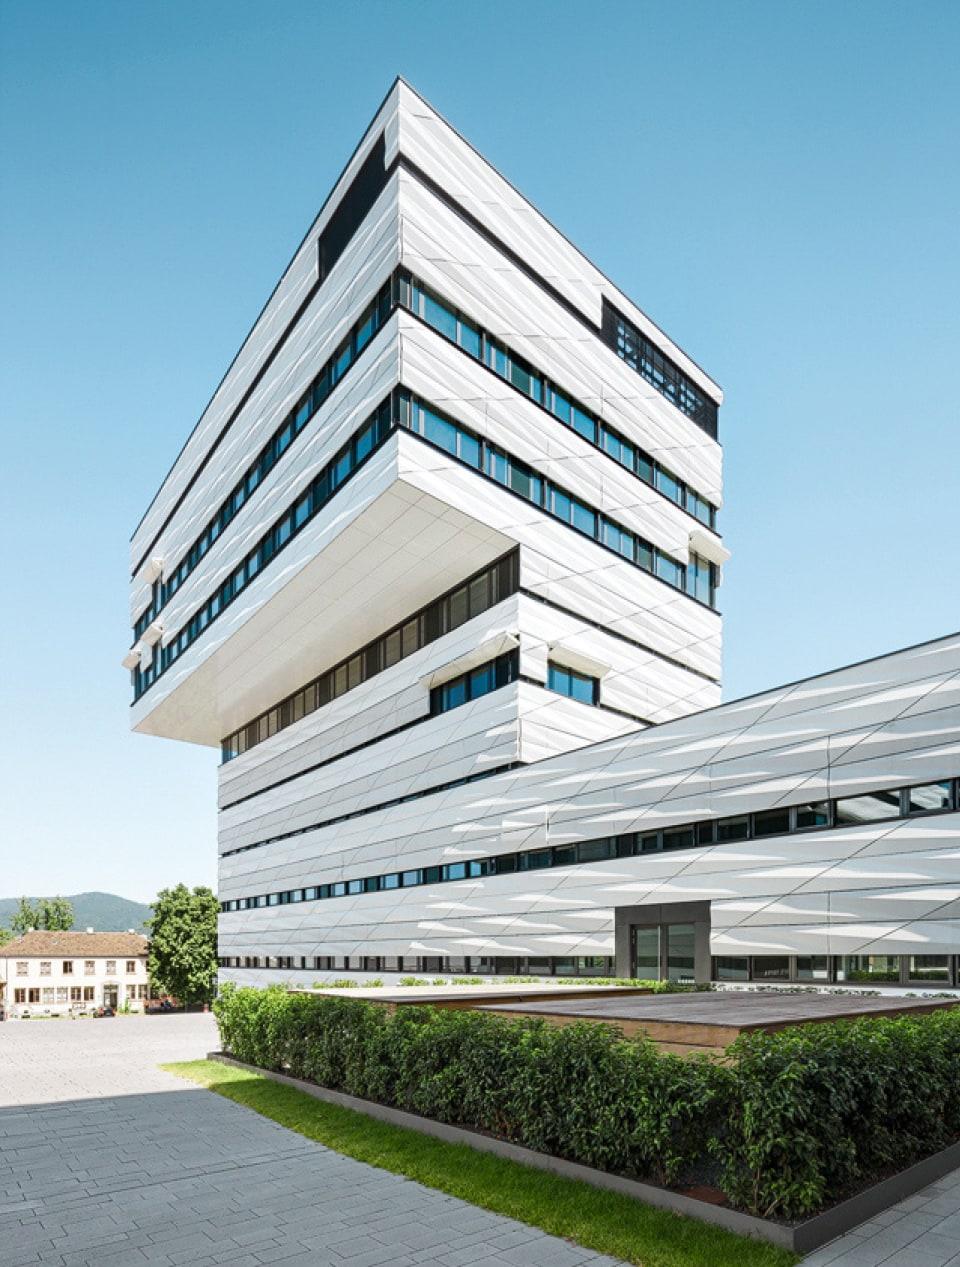 Architekten Bayreuth architekten bayreuth projekt 3 rk architekten bayreuth